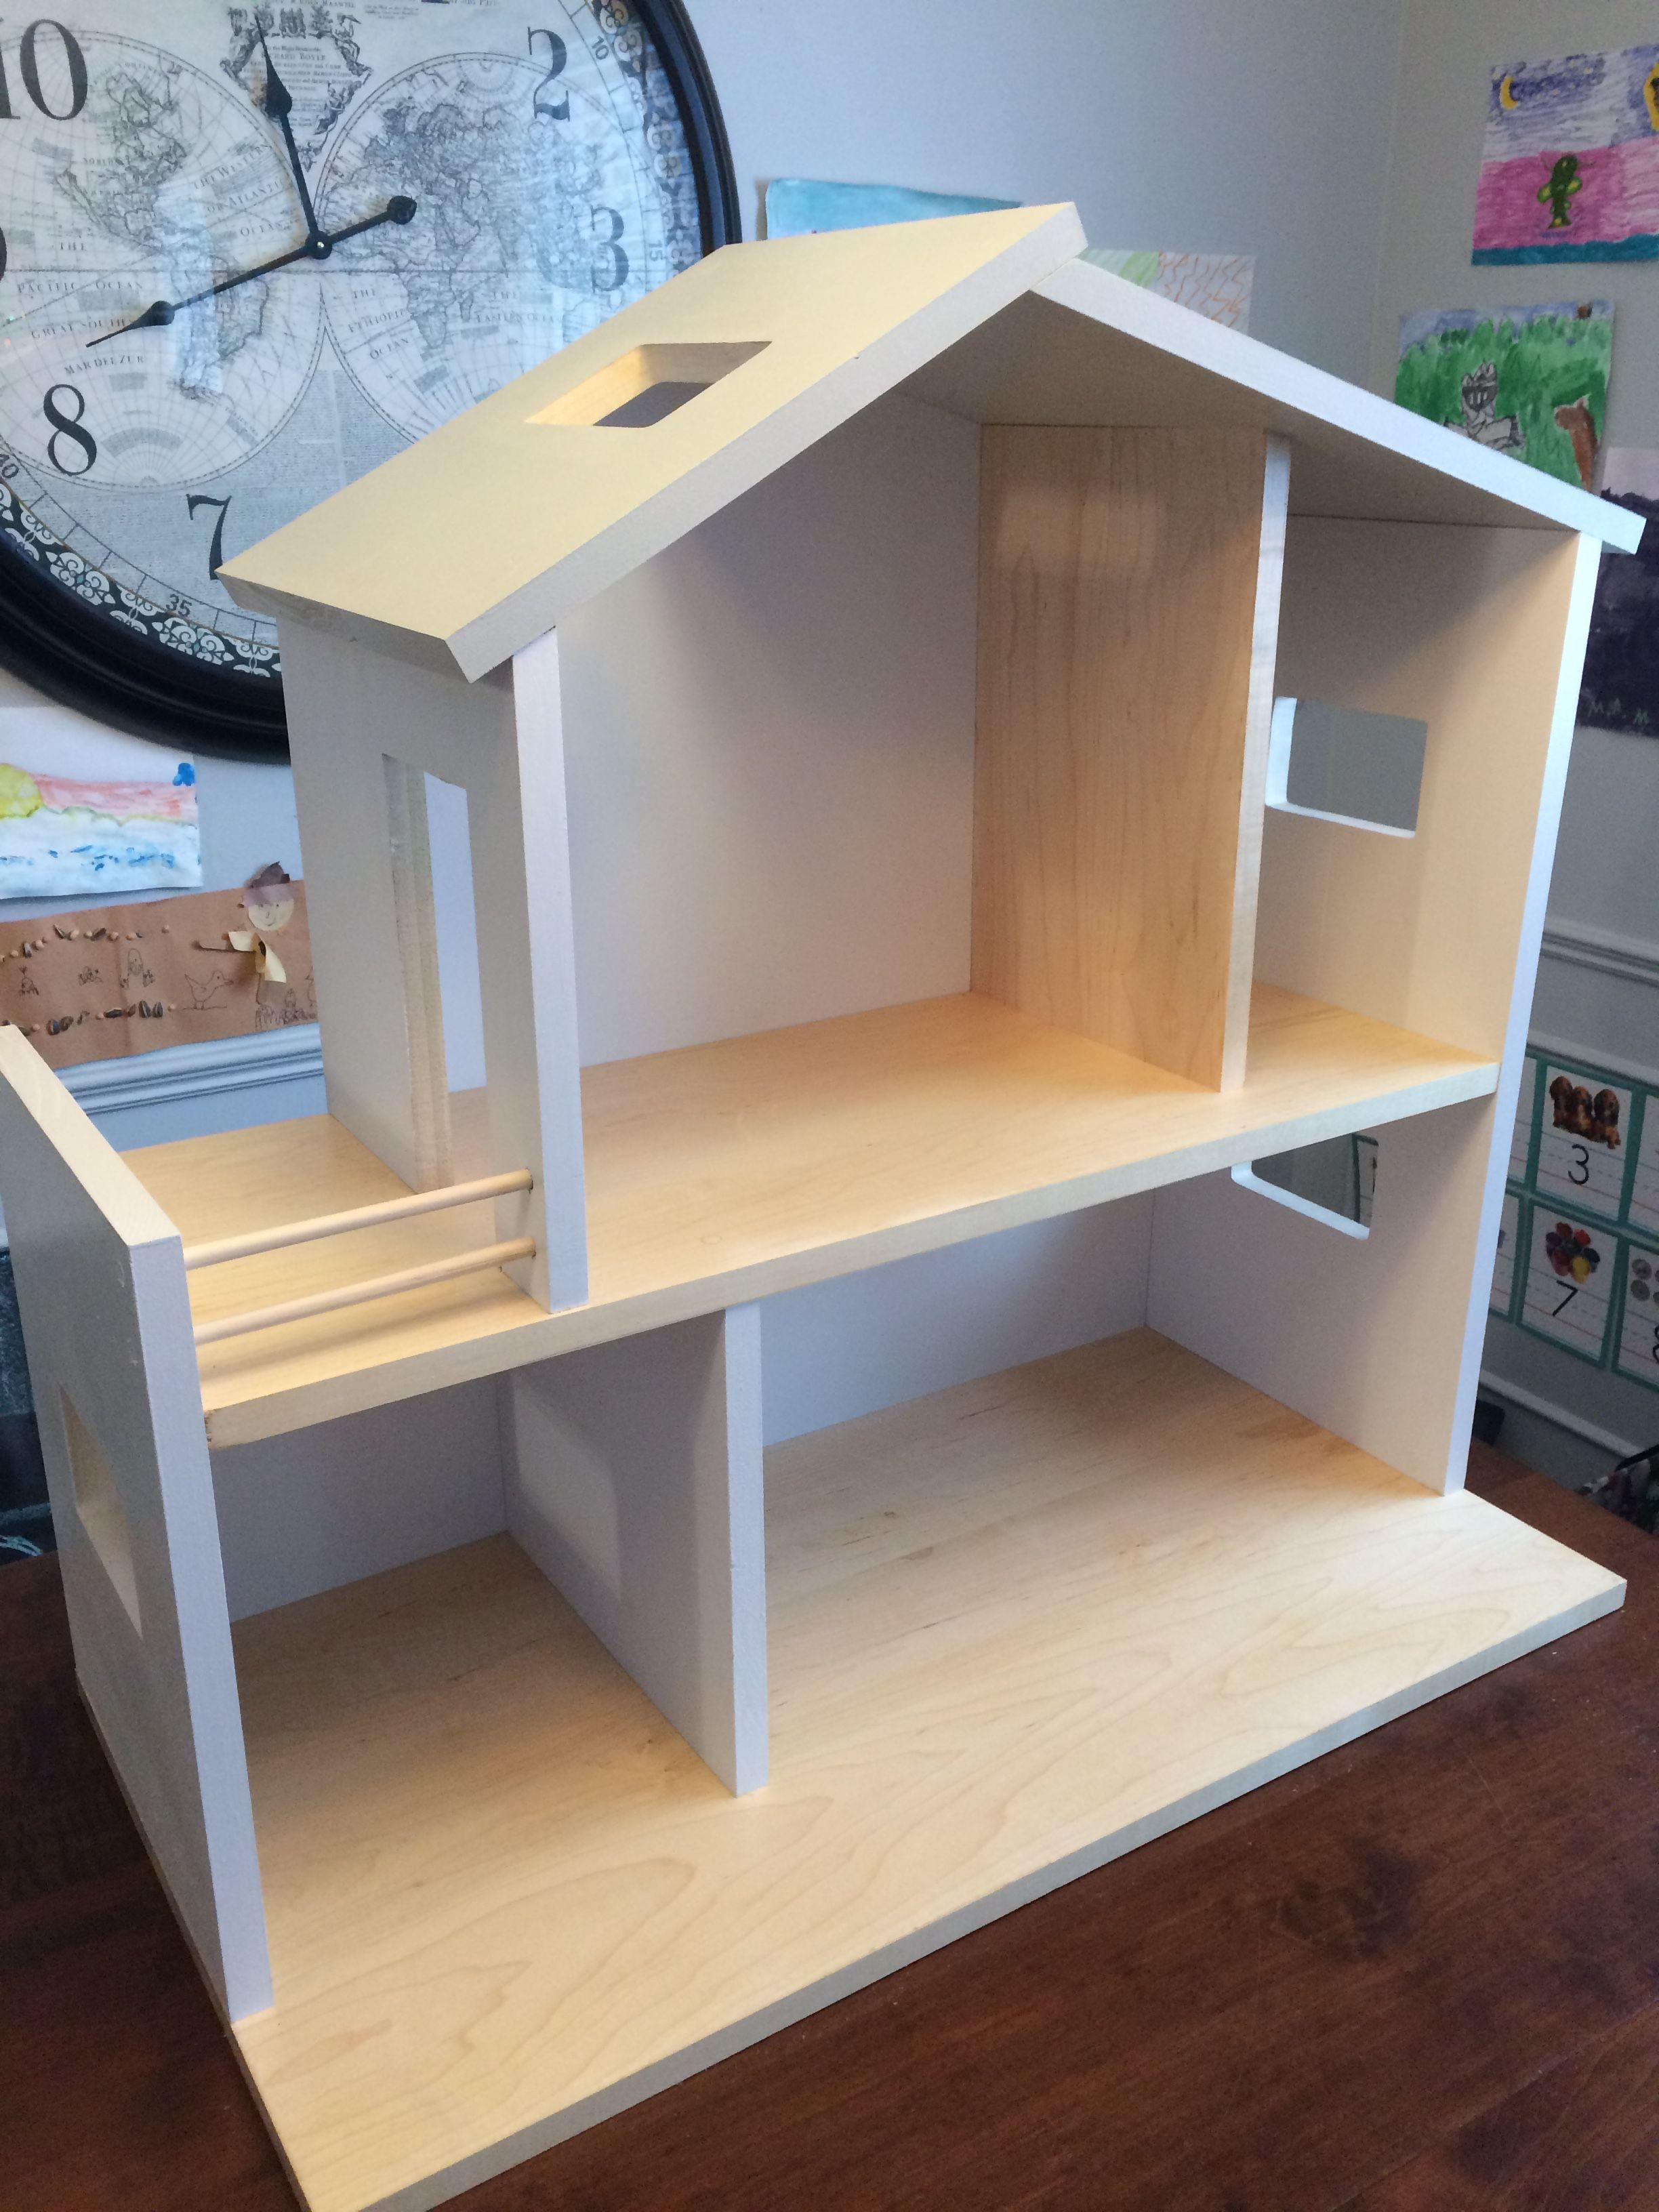 sch n holzspielzeug pferdestall selber bauen tierspielzeug. Black Bedroom Furniture Sets. Home Design Ideas